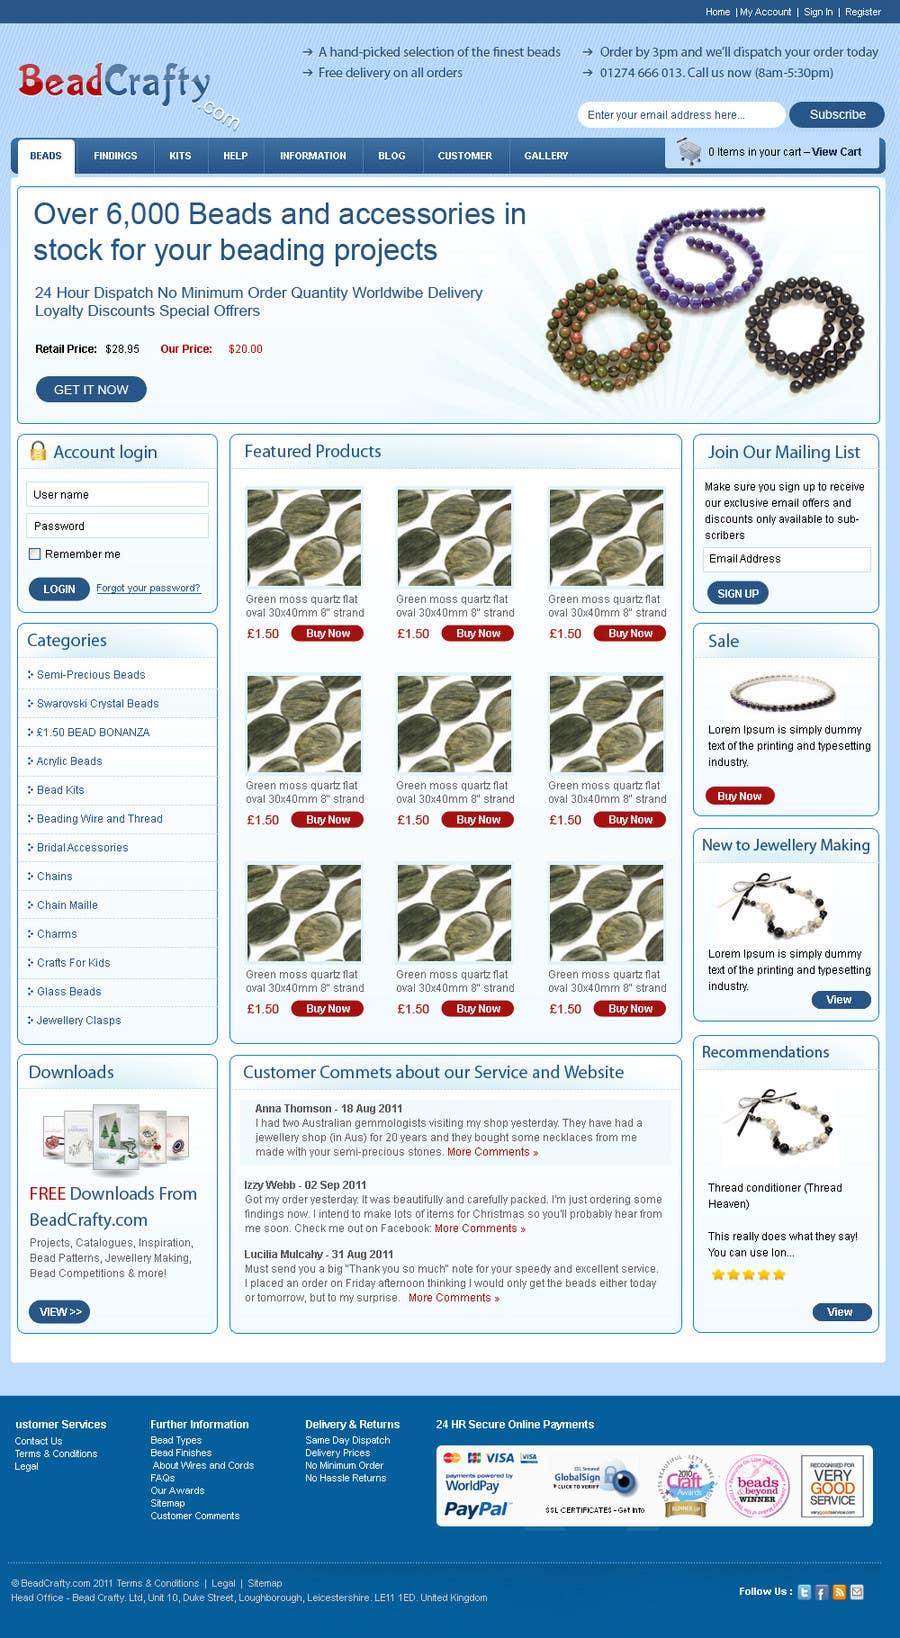 Konkurrenceindlæg #                                        22                                      for                                         Website Design for BeadCrafty.com